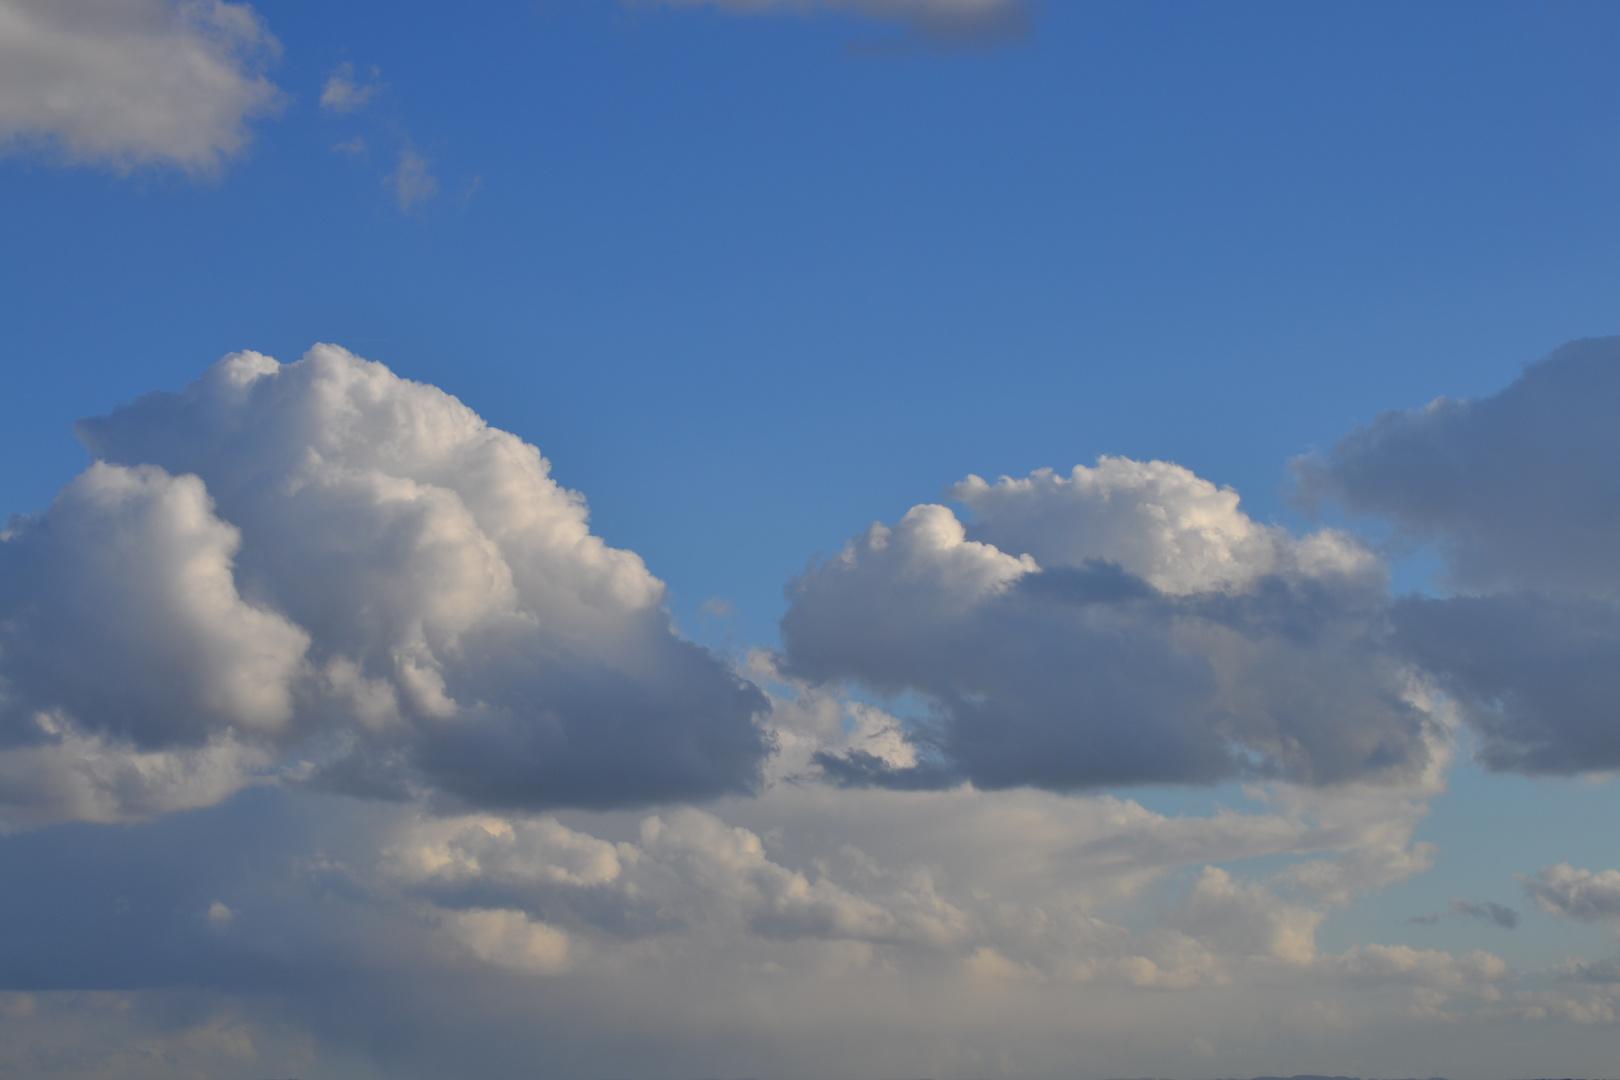 wolken wie gemalt foto bild himmel wolken himmel universum bilder auf fotocommunity. Black Bedroom Furniture Sets. Home Design Ideas